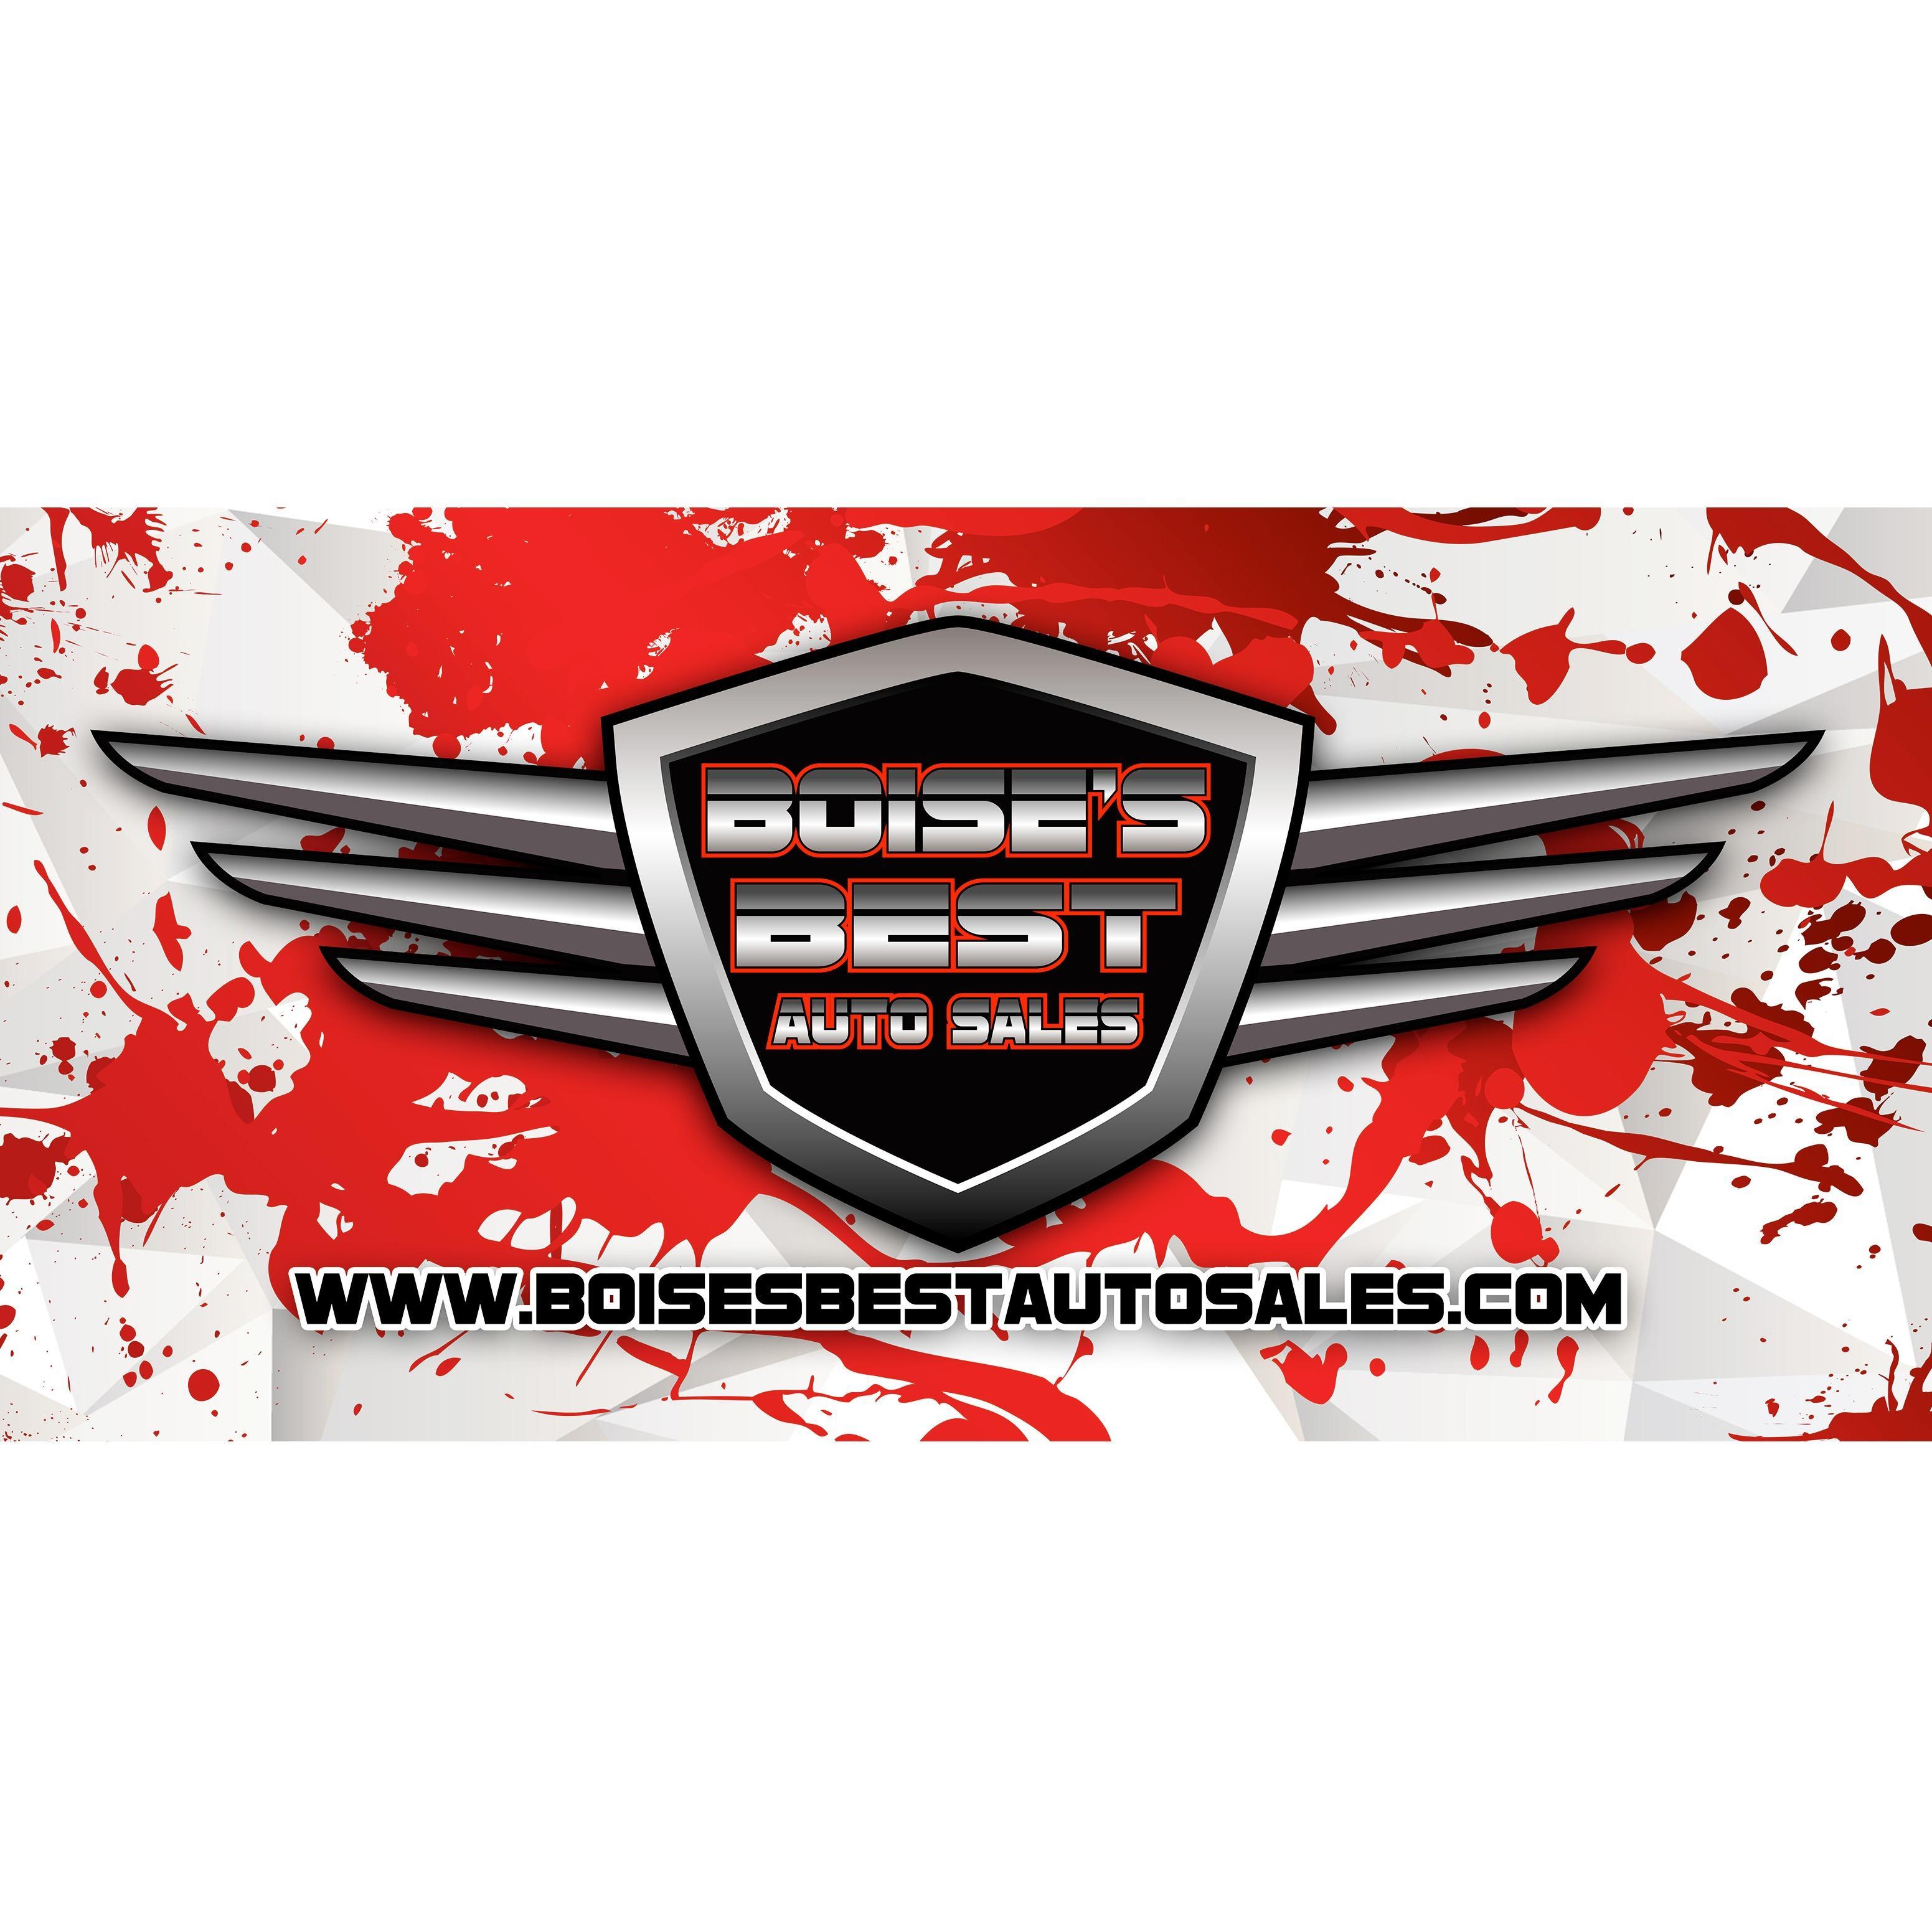 Boises Best Auto Sales